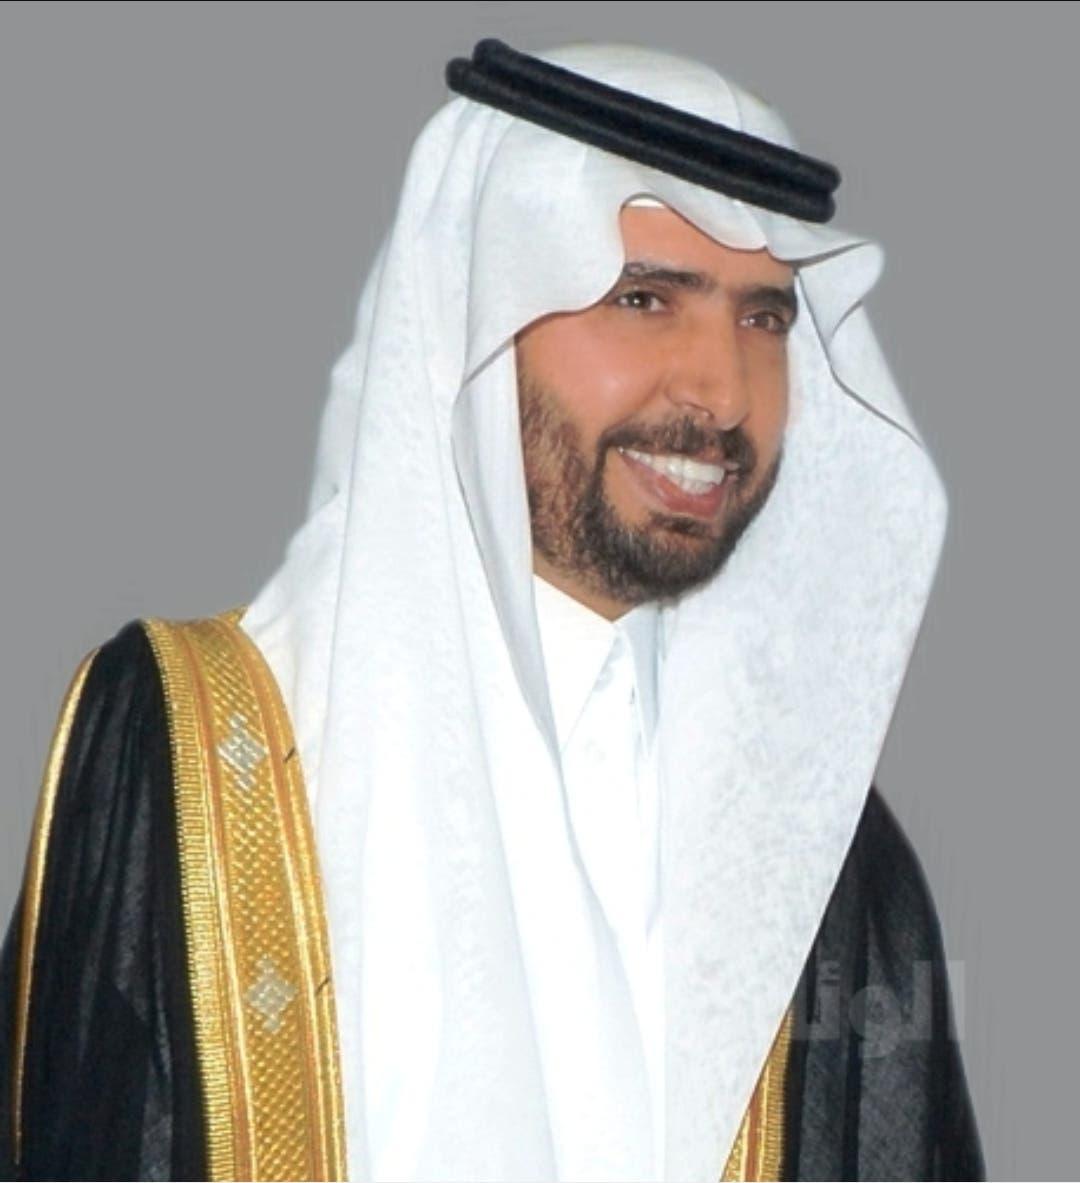 أستاذ علوم الحاسب بجامعة الإمام محمد بن سعود الإسلامية، الدكتور خالد بن عبد العزيز الشـلفان